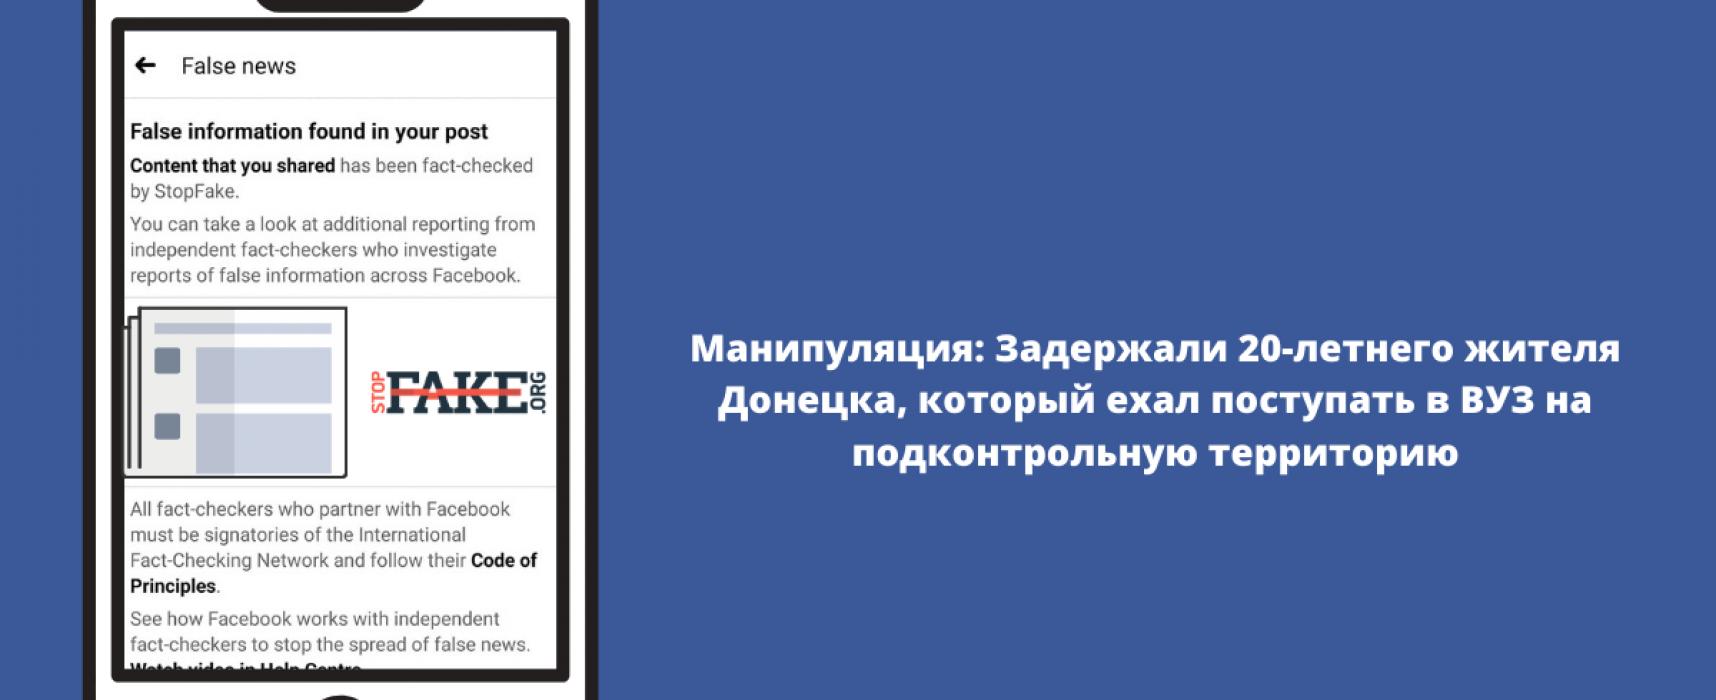 Манипуляция: Задержали 20-летнего жителя Донецка, который ехал поступать в ВУЗ на подконтрольную территорию